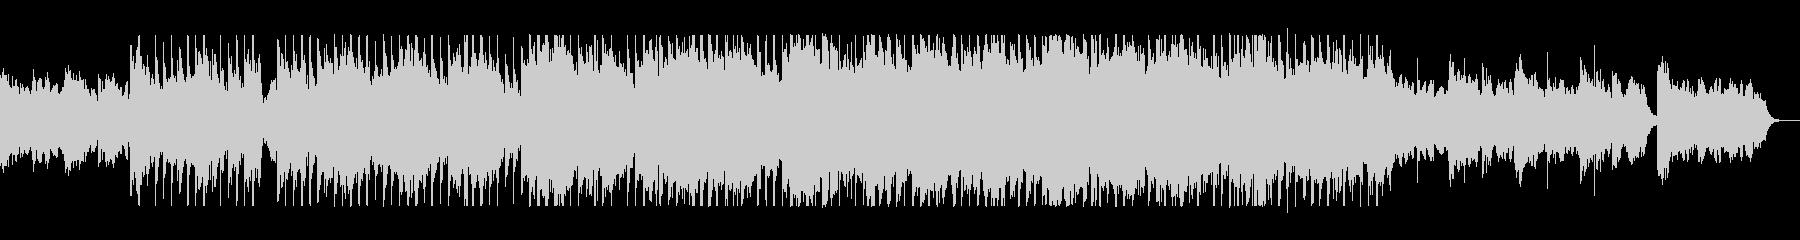 のびやかで壮大なサウンドの未再生の波形